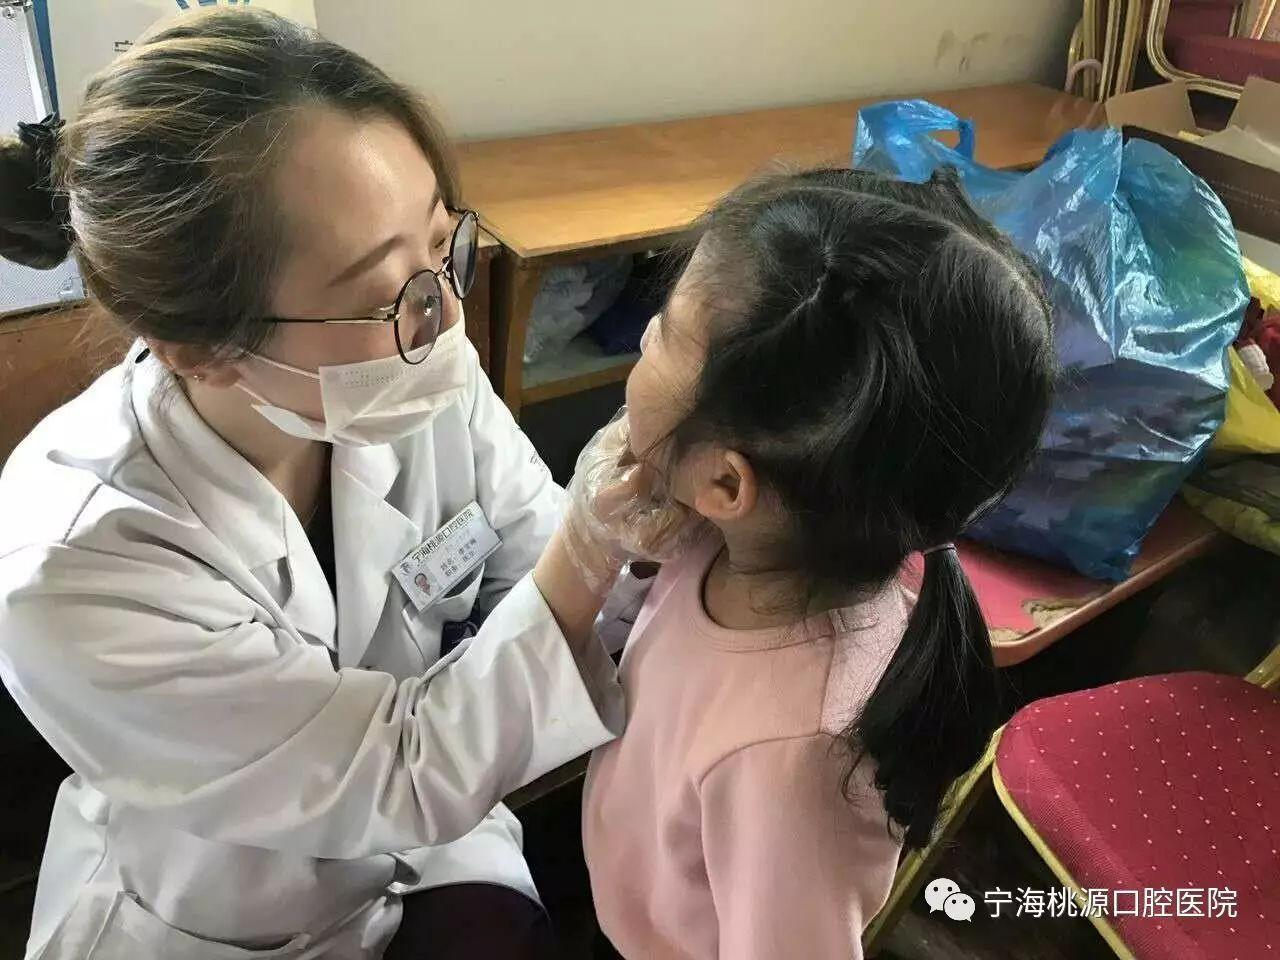 哈佛幼儿园口腔保健知识讲课,爱牙从娃娃抓起